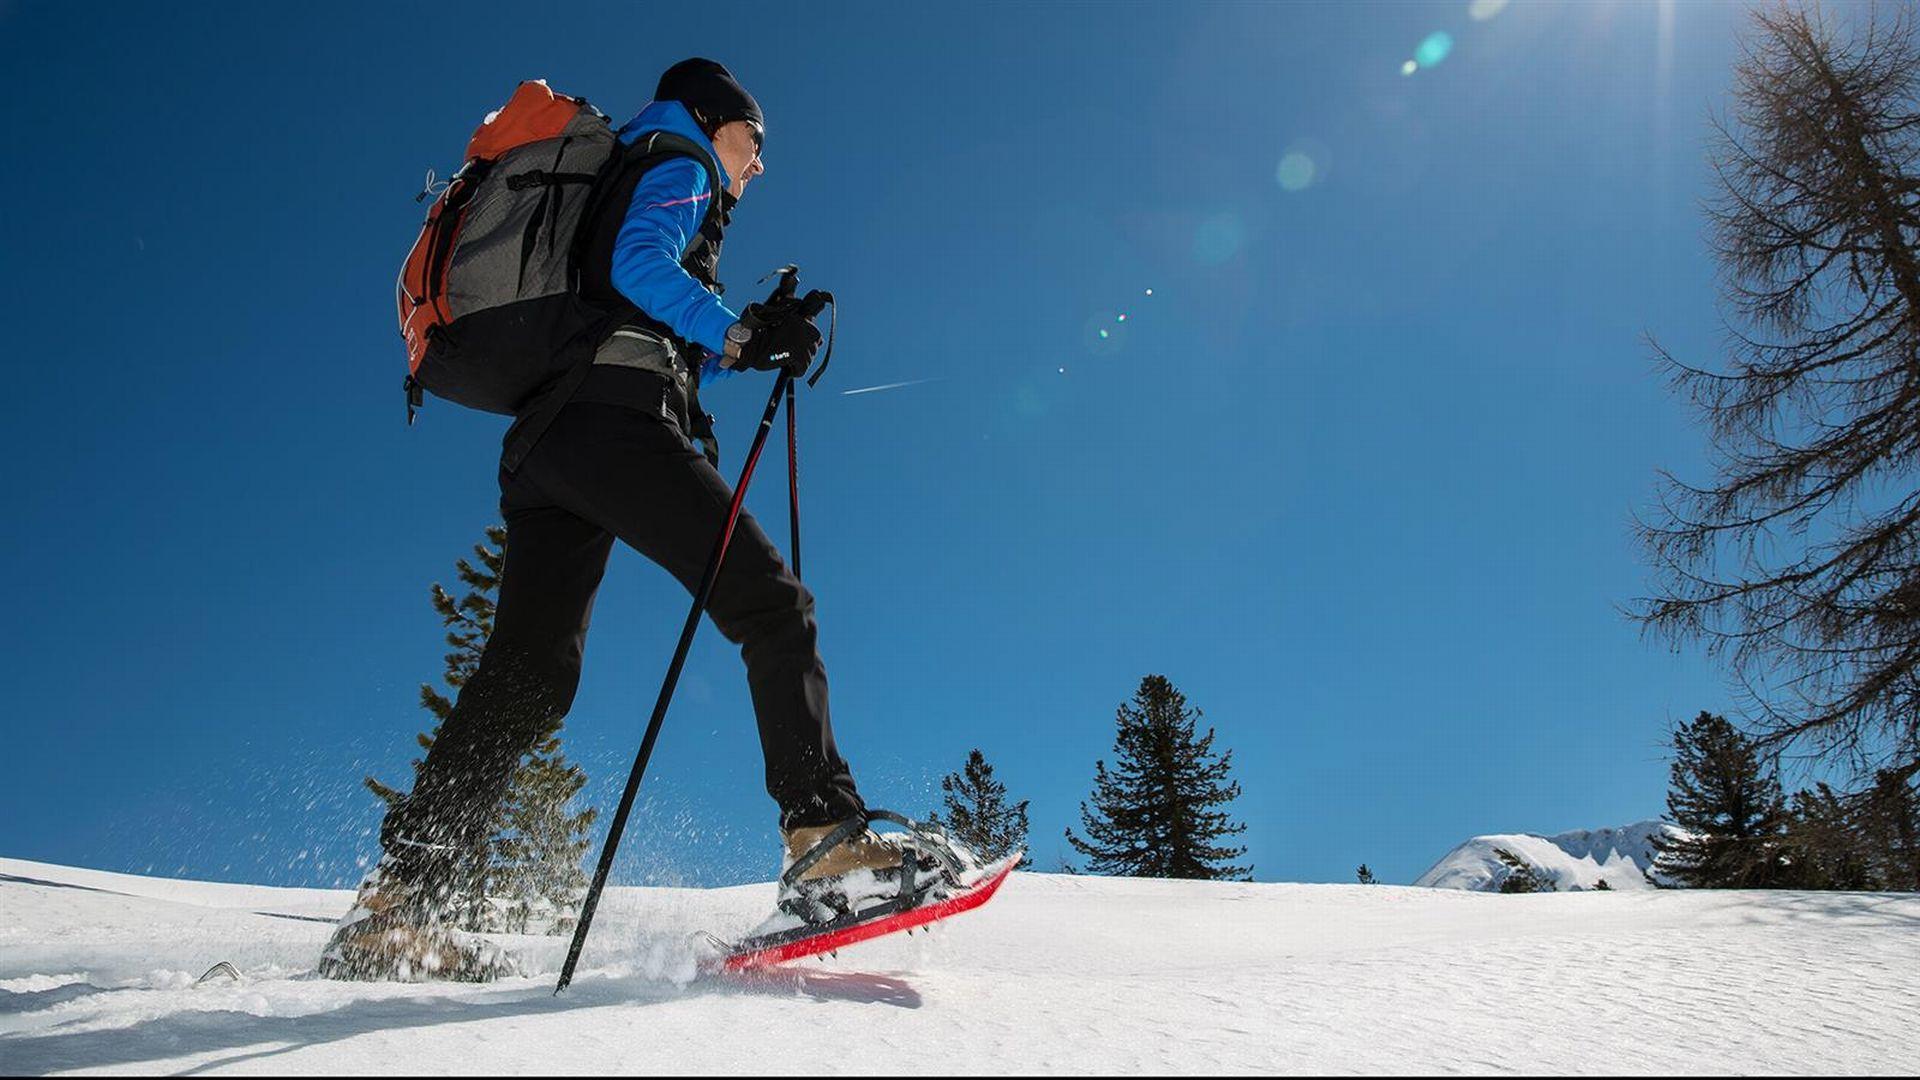 Vivi l'Inverno nelle Alpi Carniche e Dolomiti Friulane - Ciaspolata con guida alpina: casera Valsecca